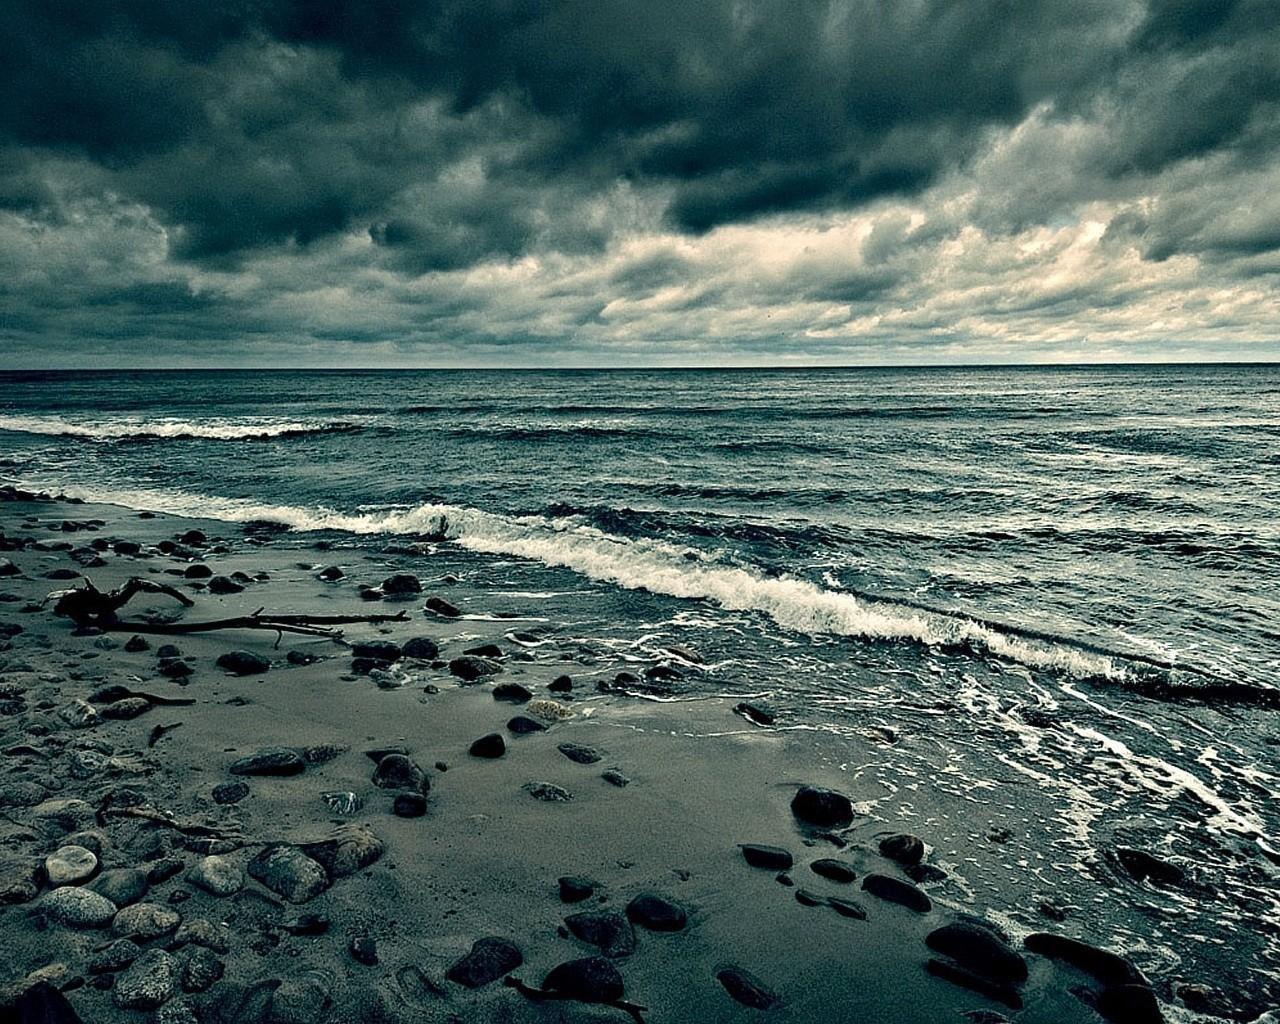 картинки грустного моря достойная перспективная